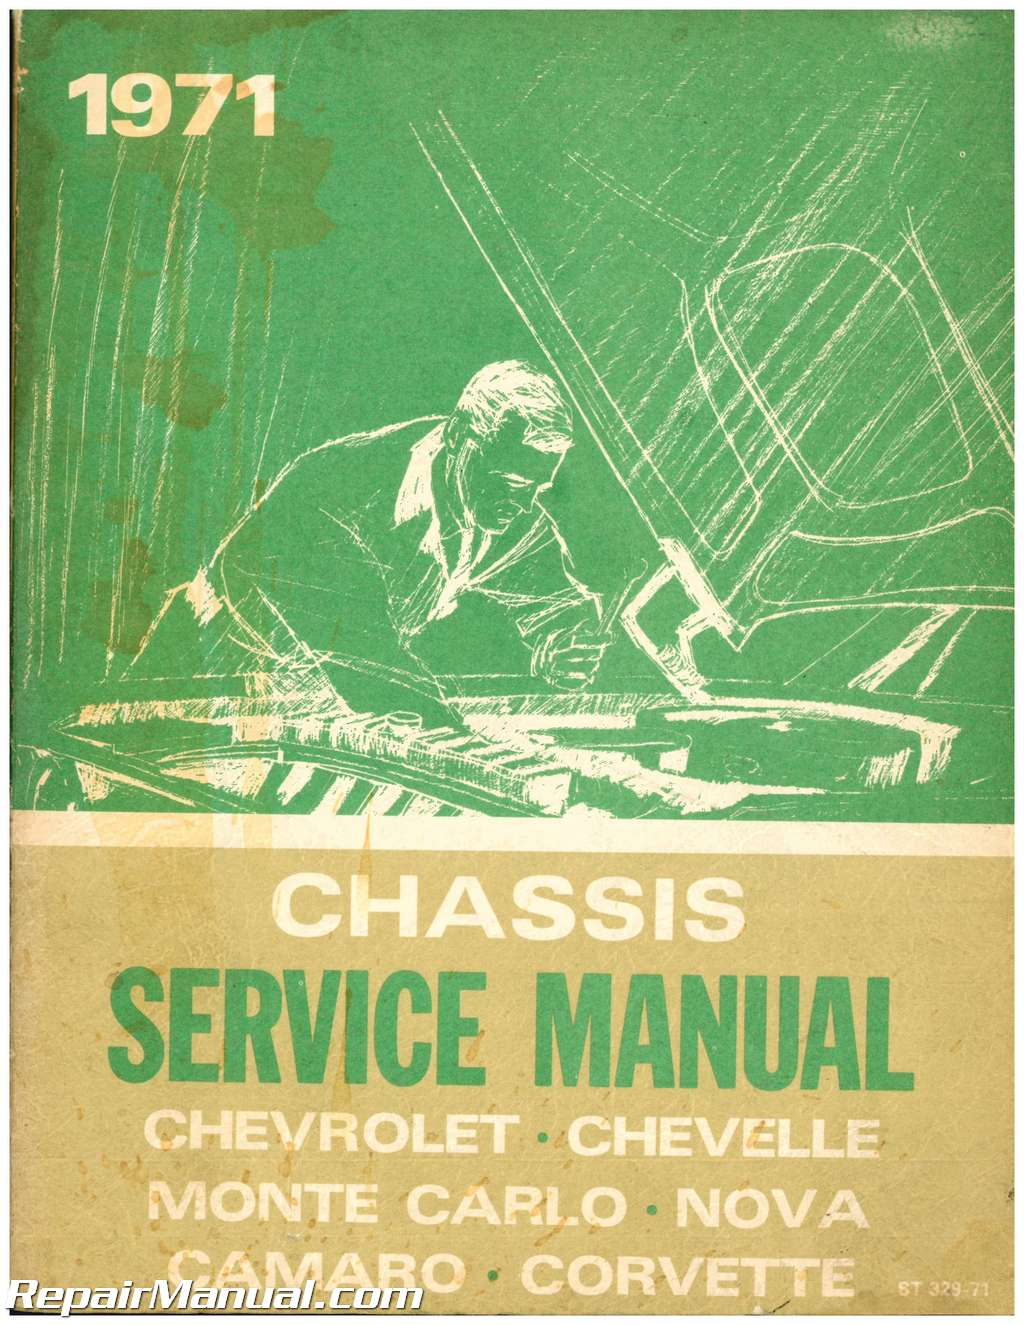 1972 Camaro Chevelle Monte Carlo Nova Corvette Shop Service Repair Manual